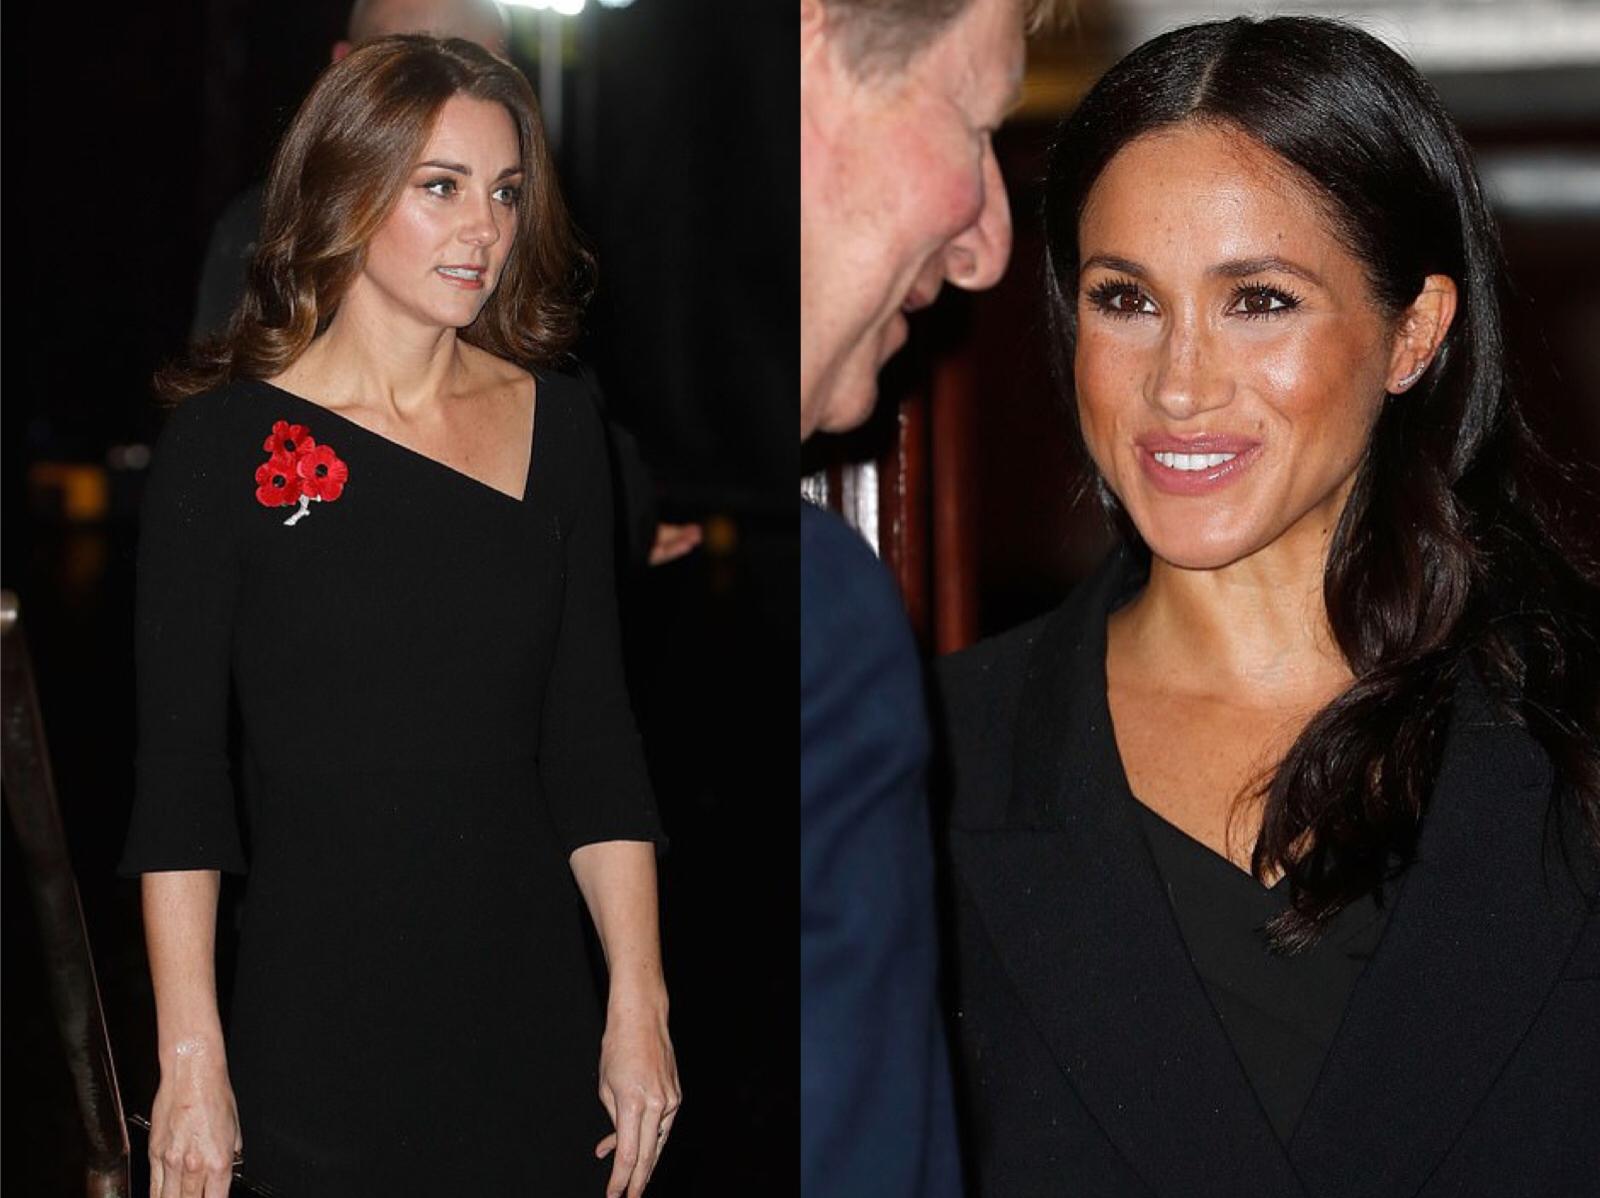 王室齊聚紀念日活動,凱特好少女梅根胖了些,卡米拉笑得最開心 時尚 第2張